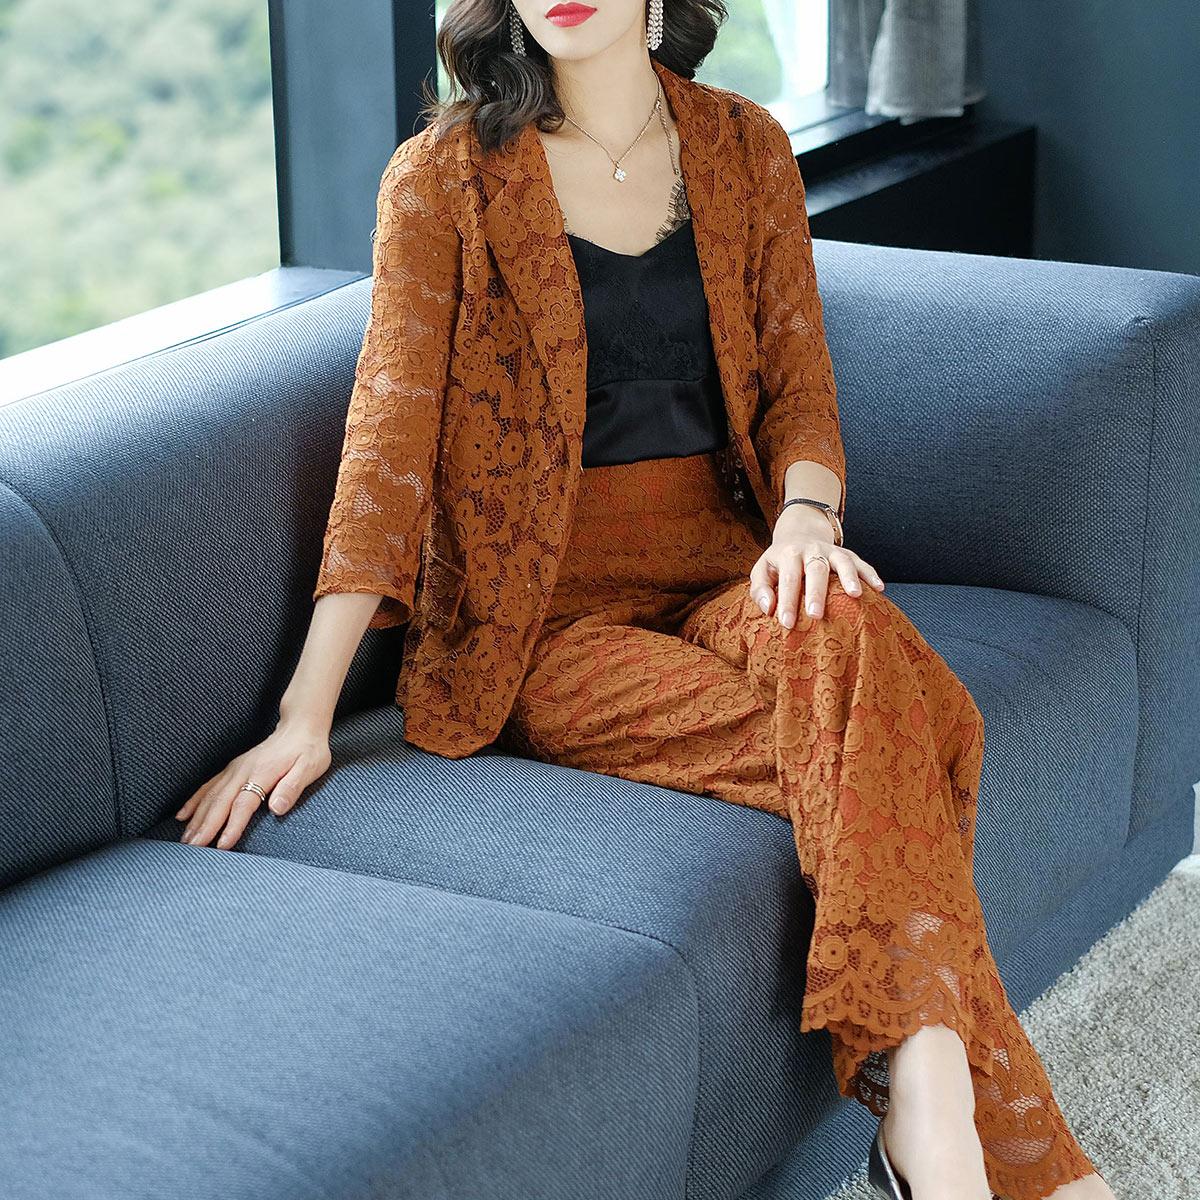 隆缘裳2018春装新款时尚镂空西装外套修身阔腿裤蕾丝洋气套装8513